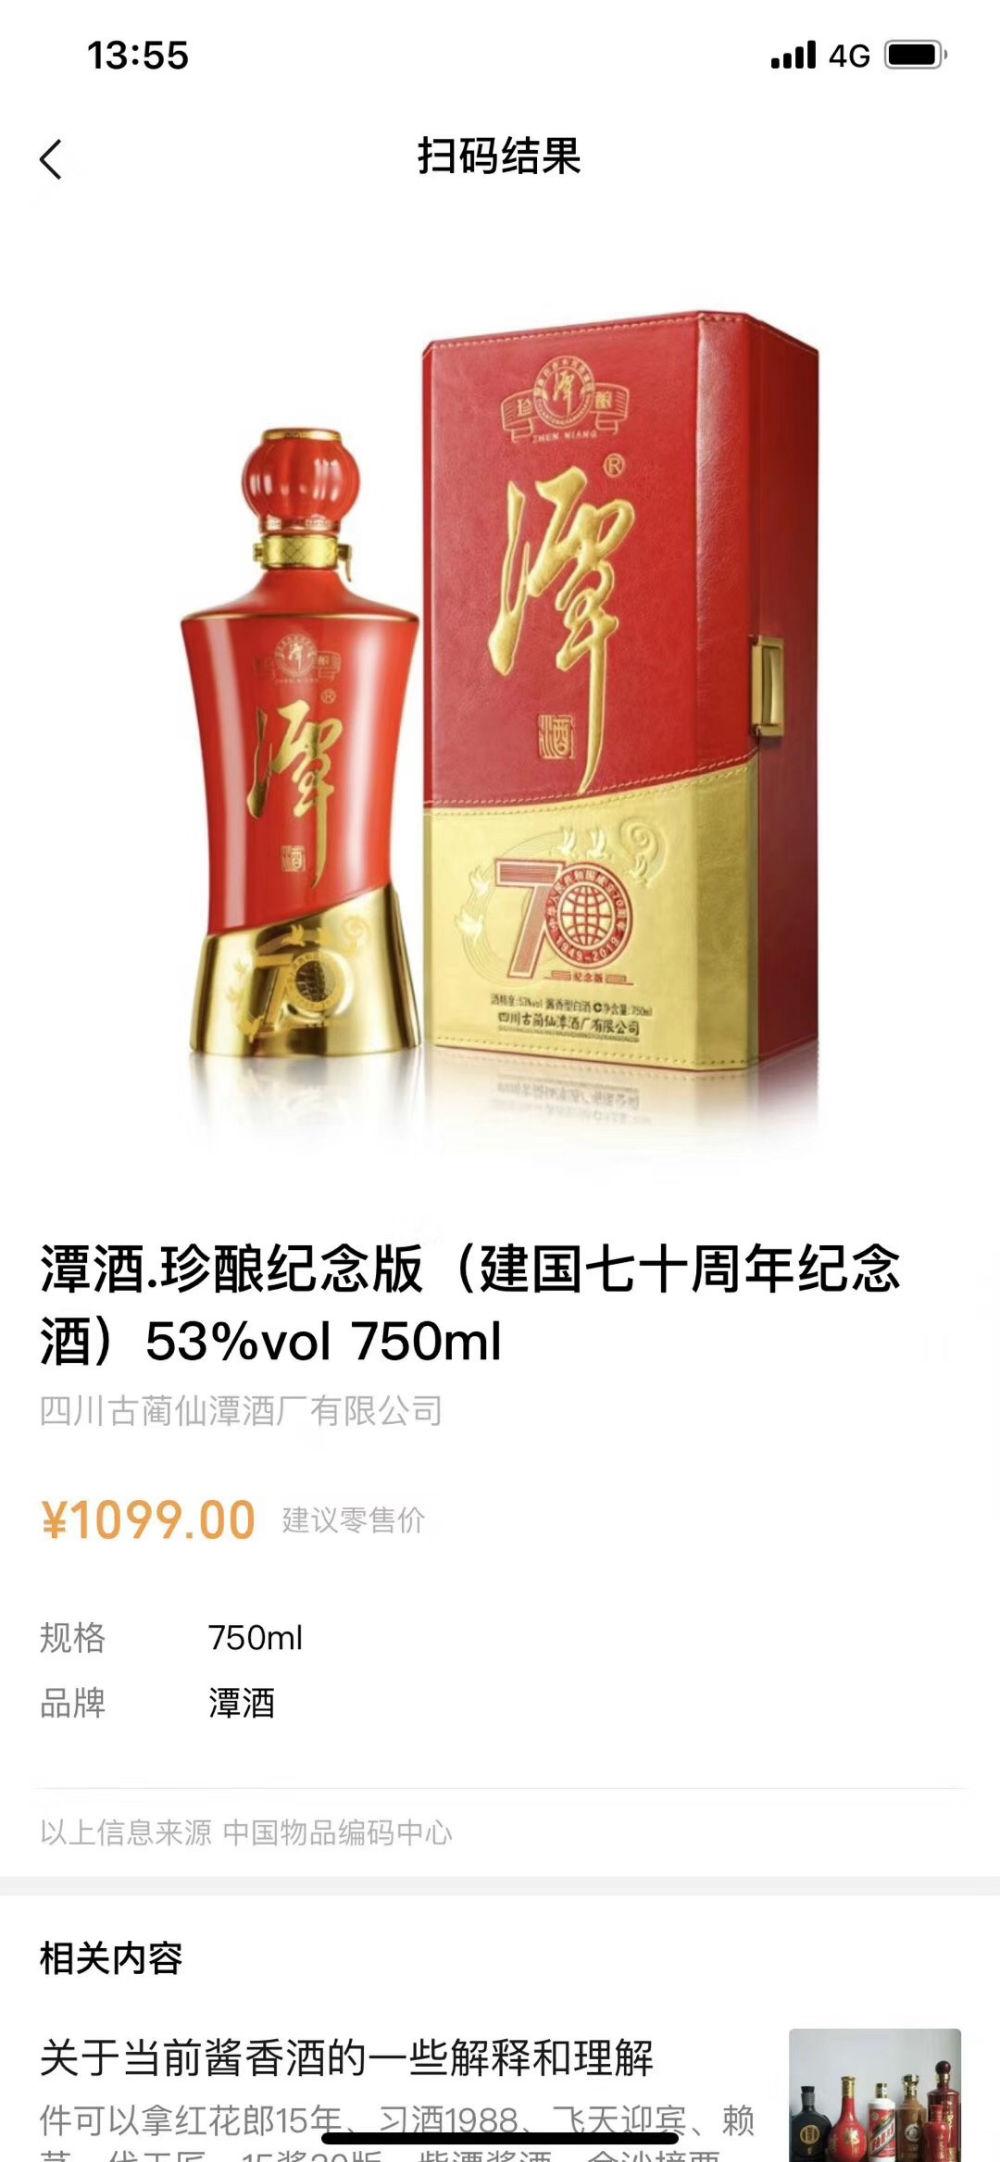 2019潭 酒·70周年纪念酒53度,750毫升